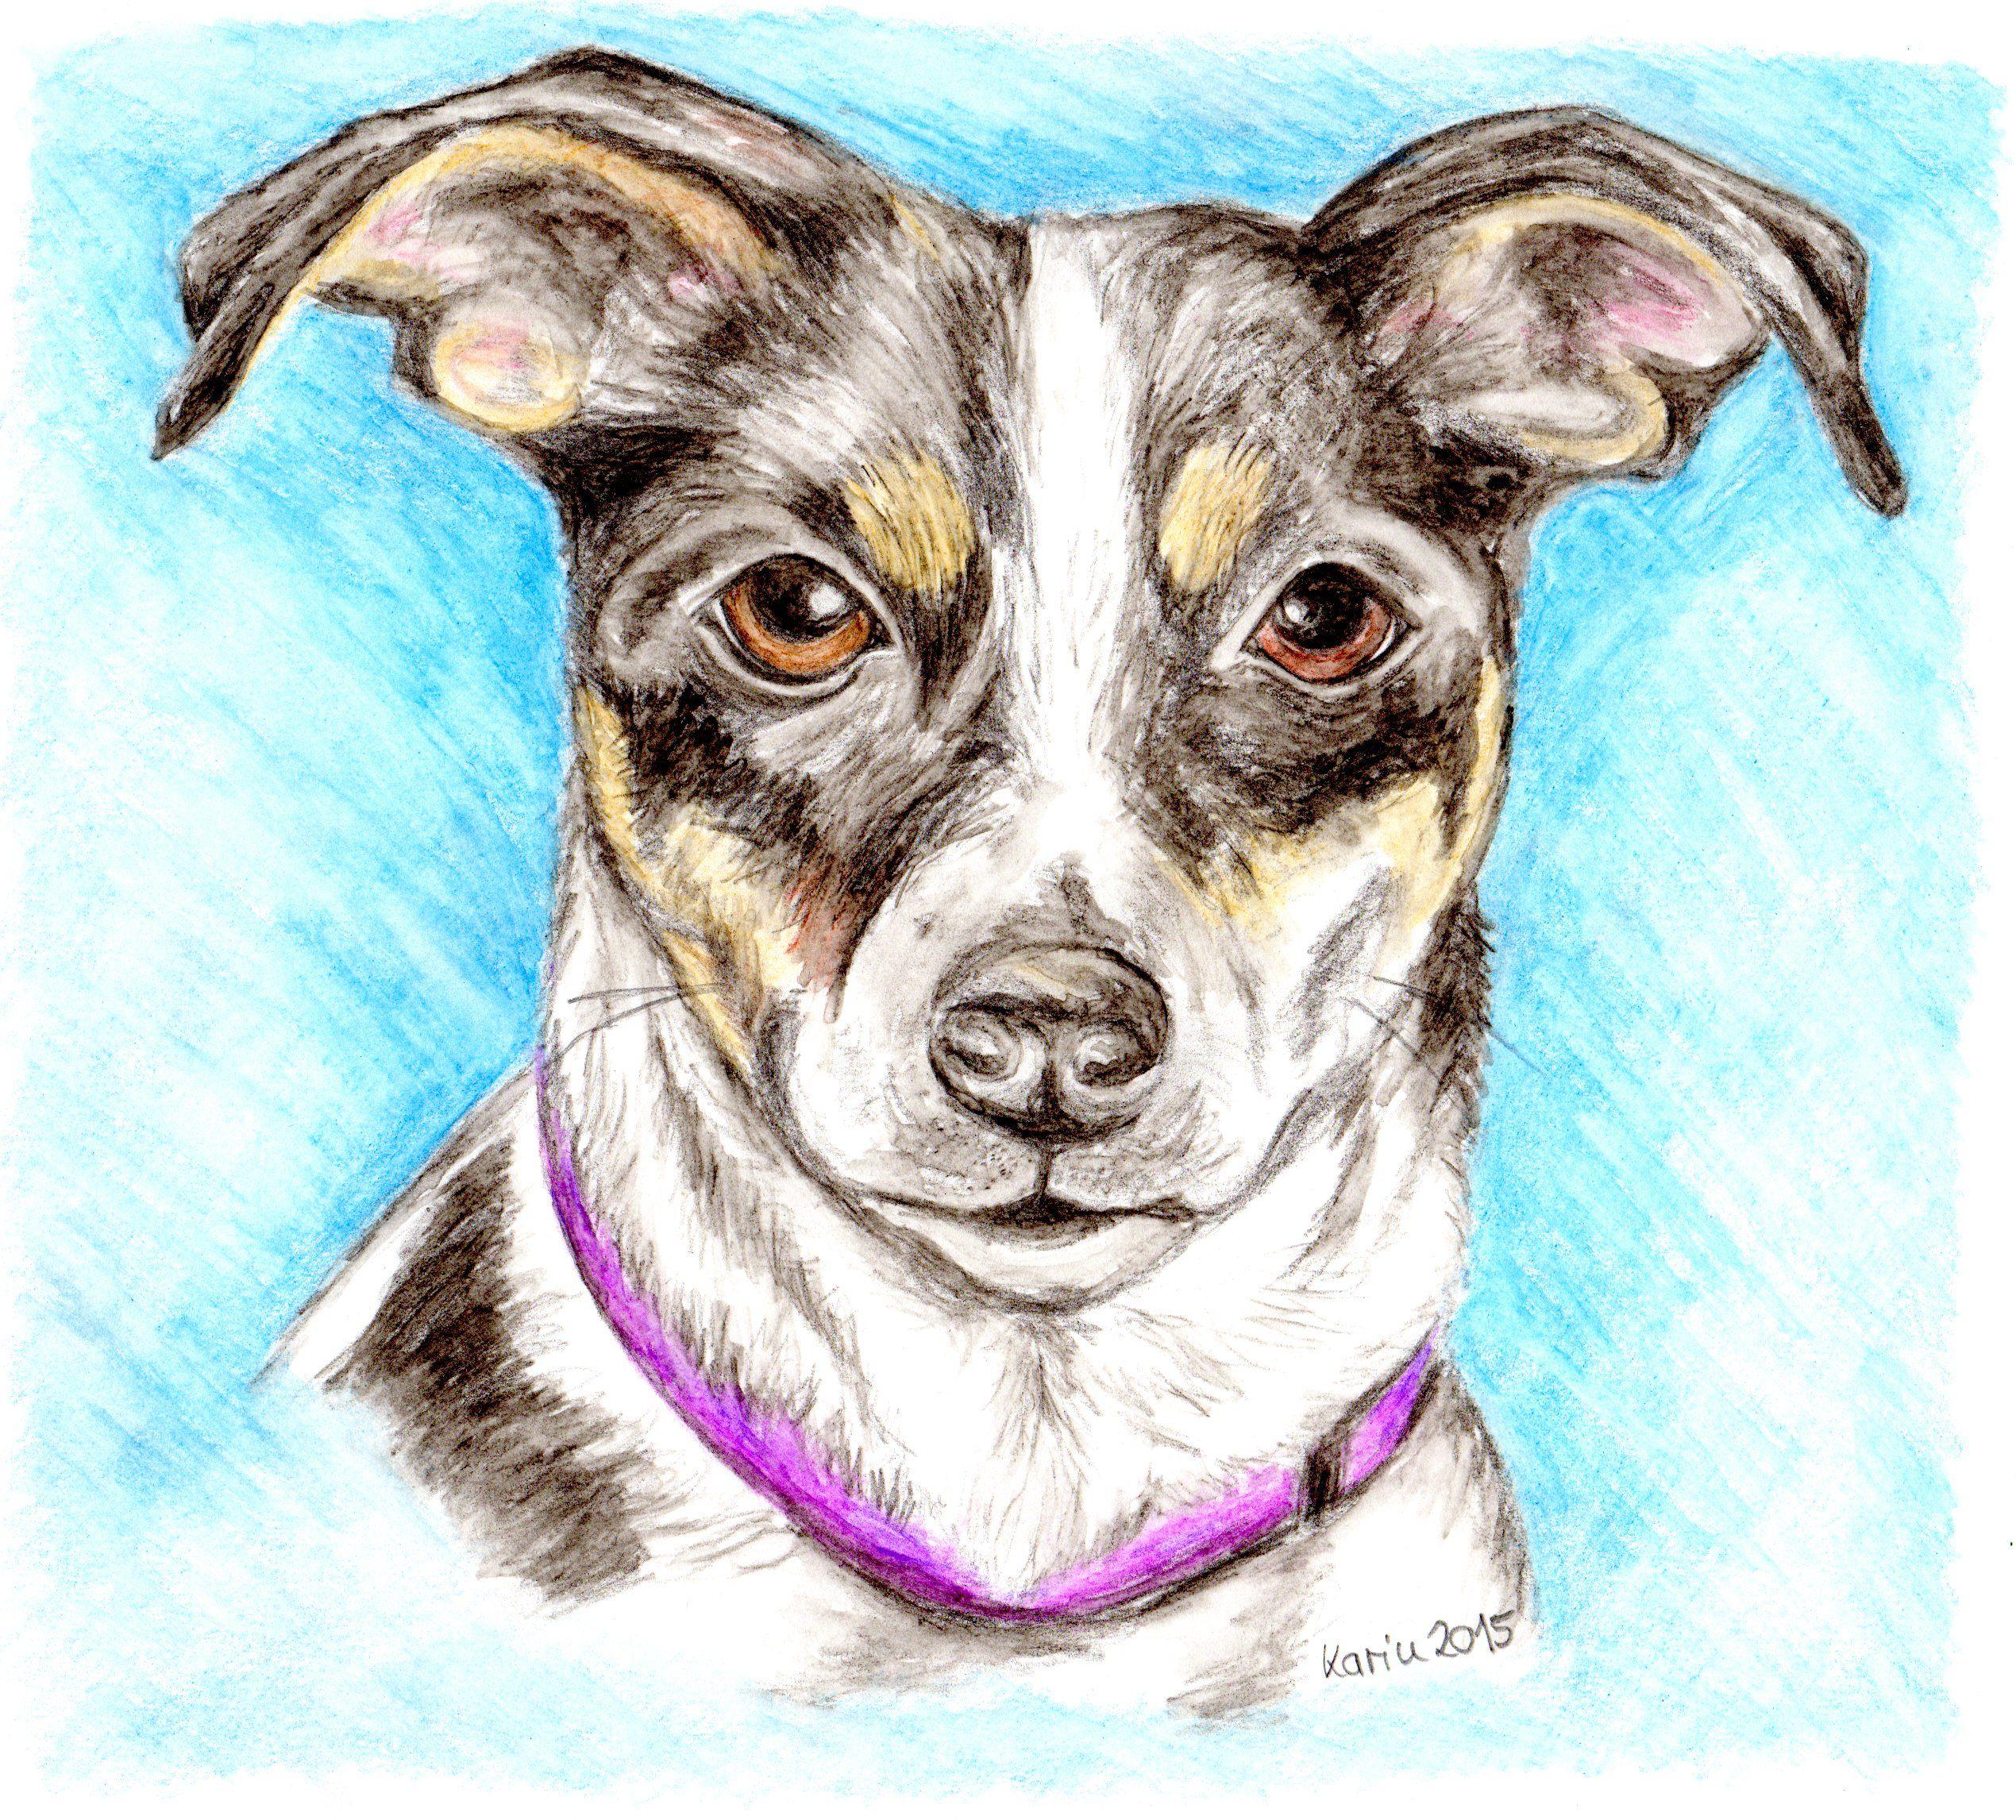 Jack Russell Terrier Amy, Aquarellfarbstiftzeichnung